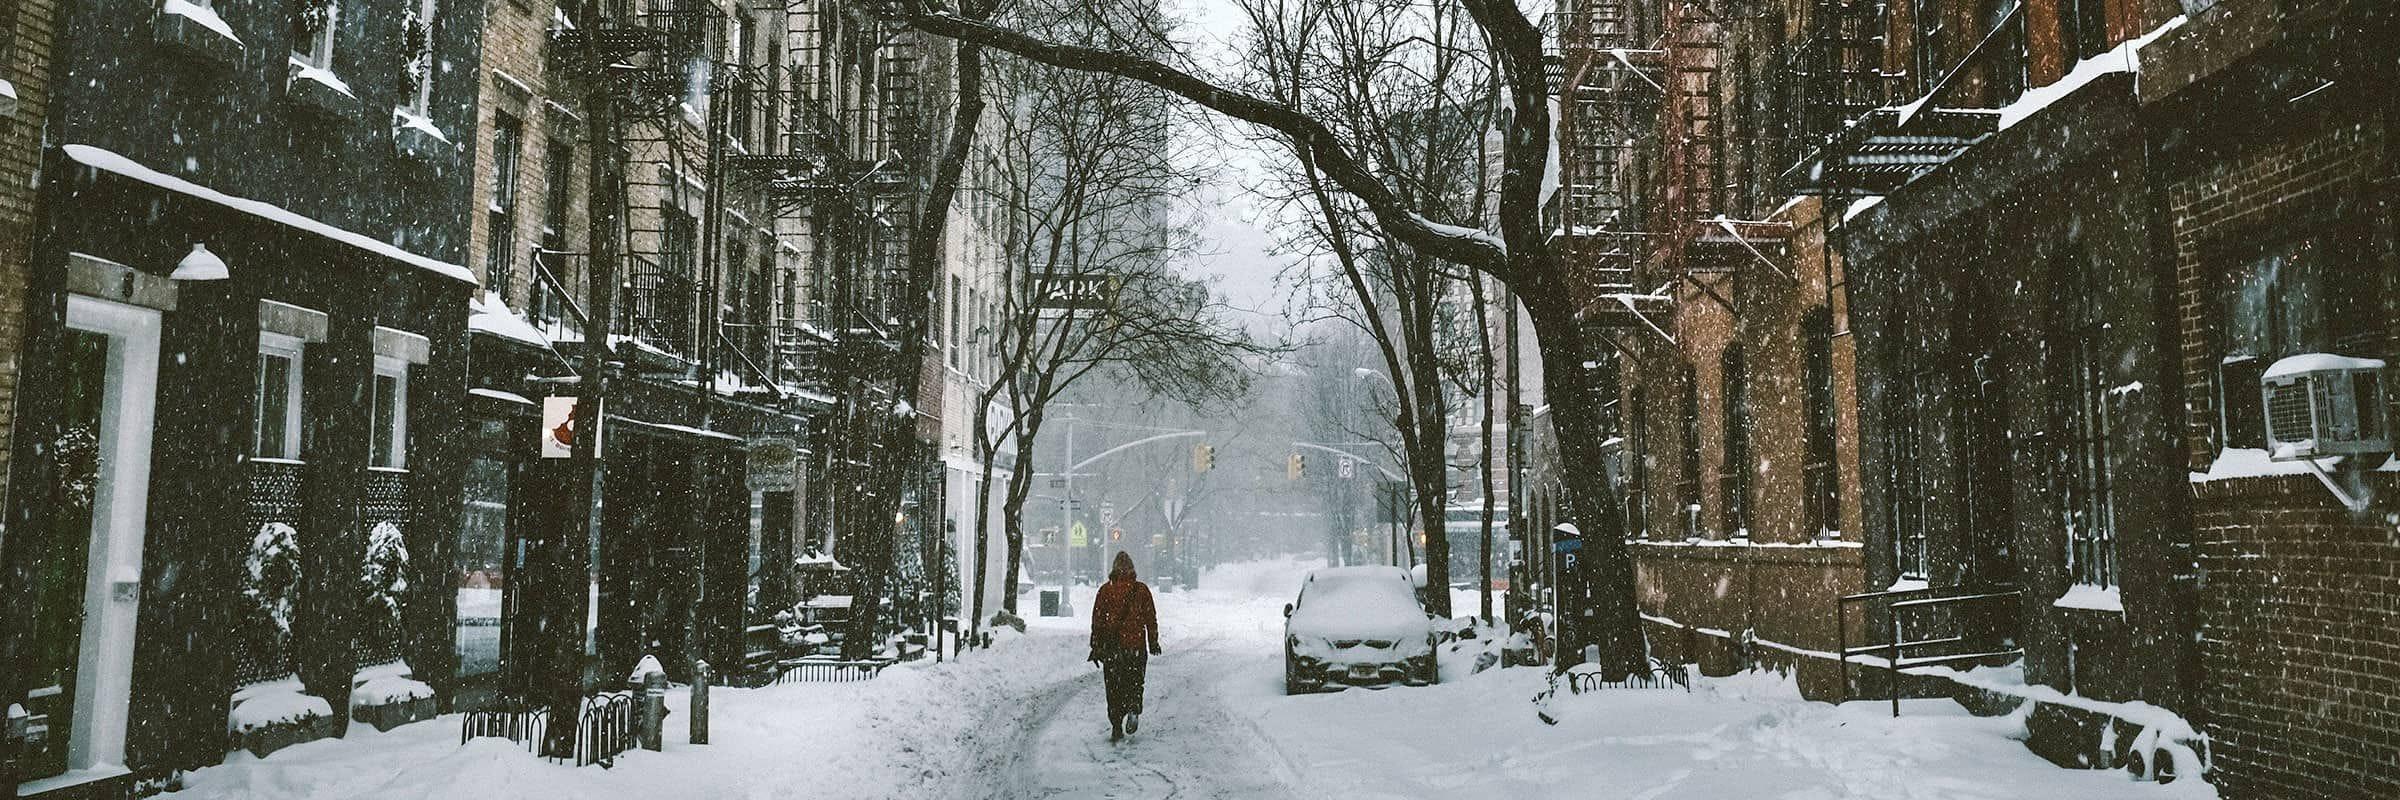 Les meilleurs manteaux d'hiver pour nos hivers canadiens extrêmes